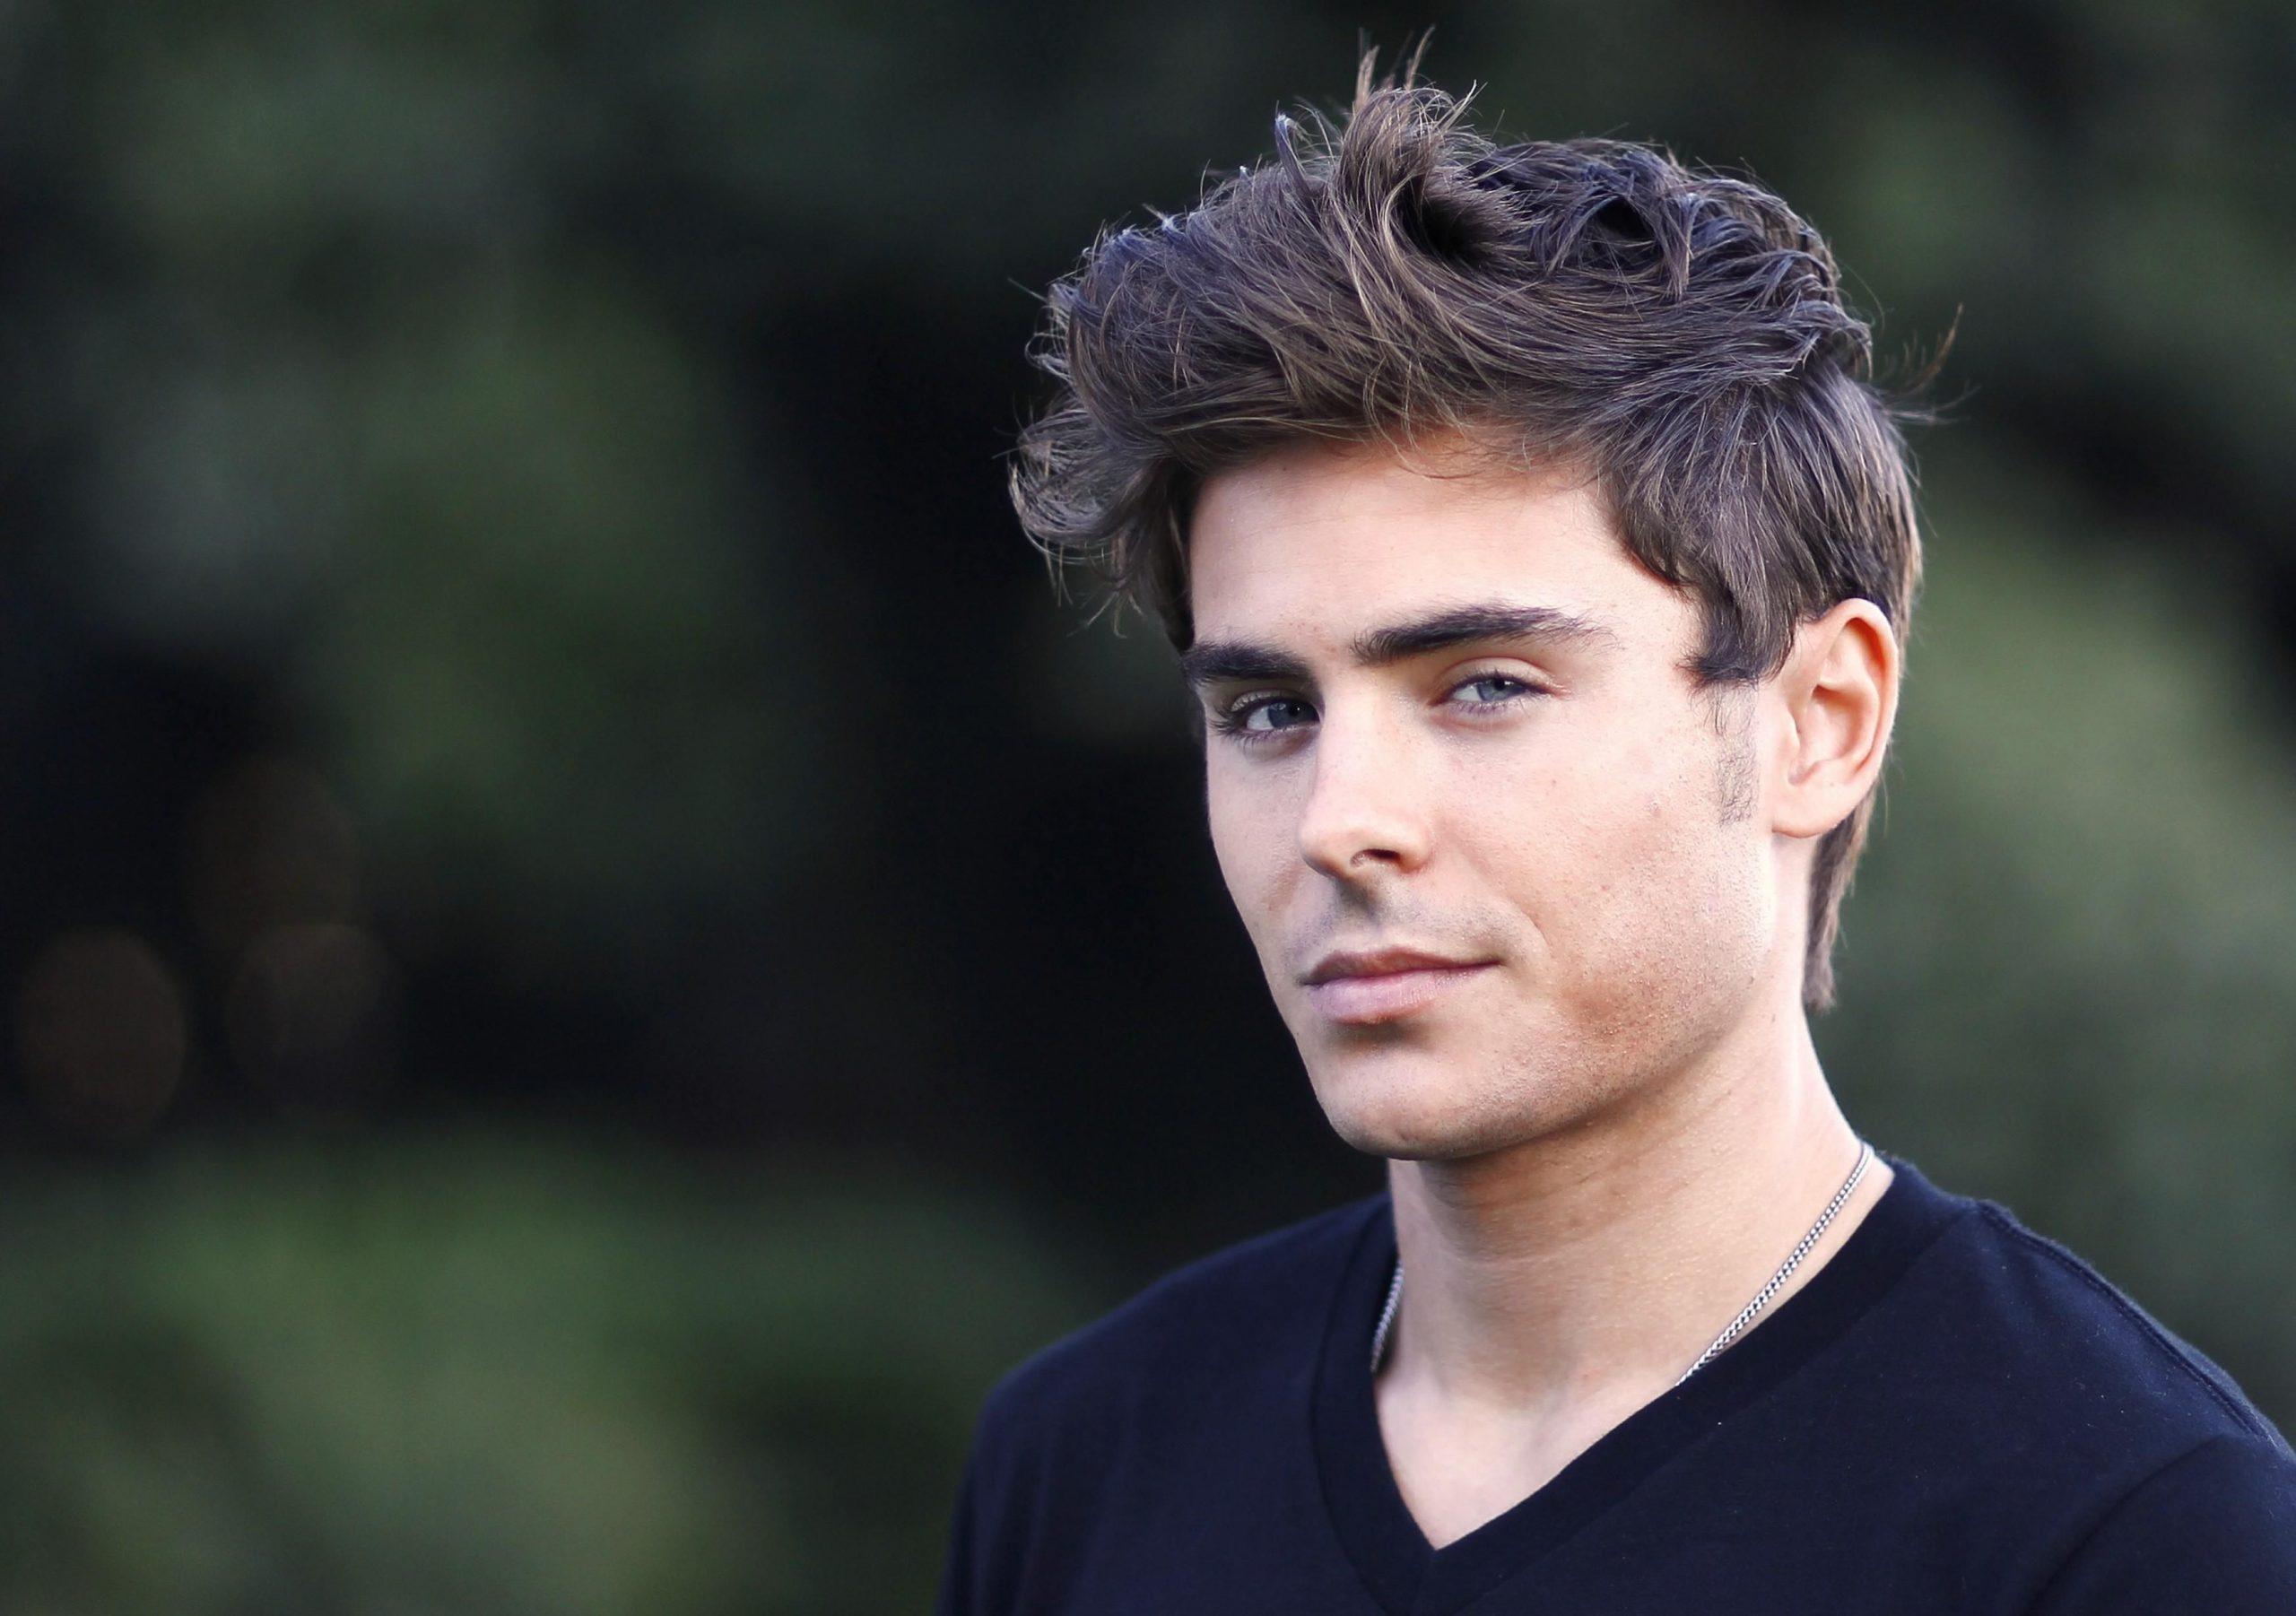 Фото парень 16 лет красивый   подборка за 2020 год (11)